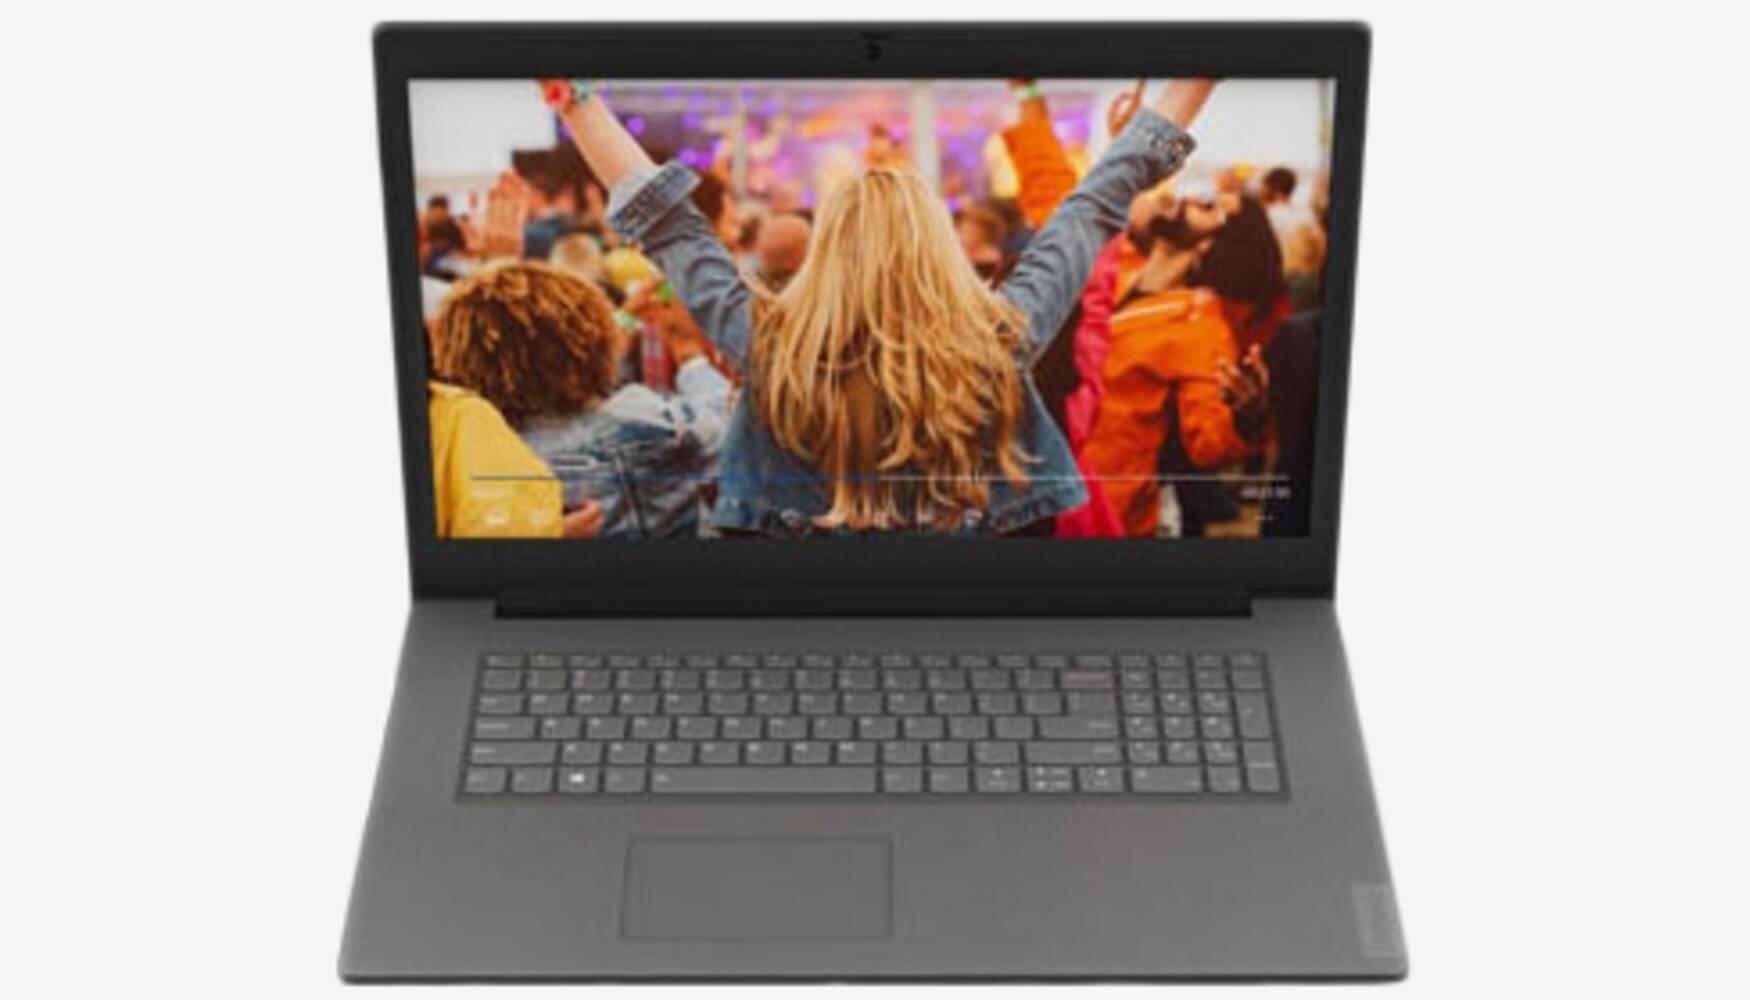 Lenovo IdeaPad V340-17IWL 81RG000XGE